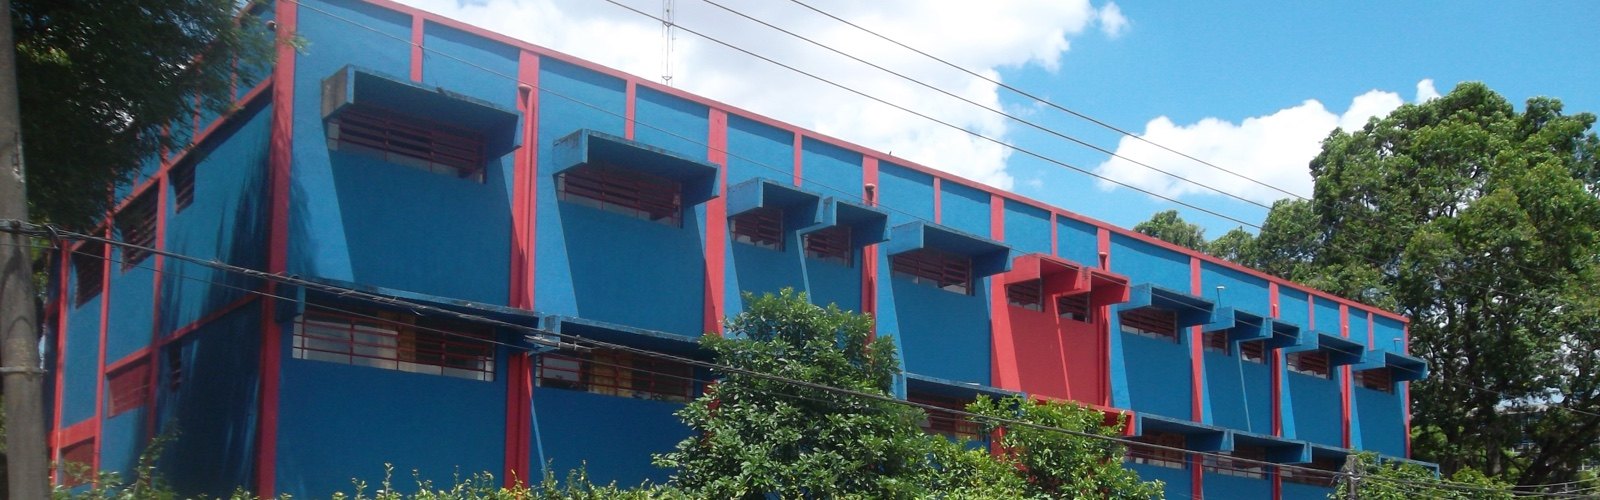 slider-fachada